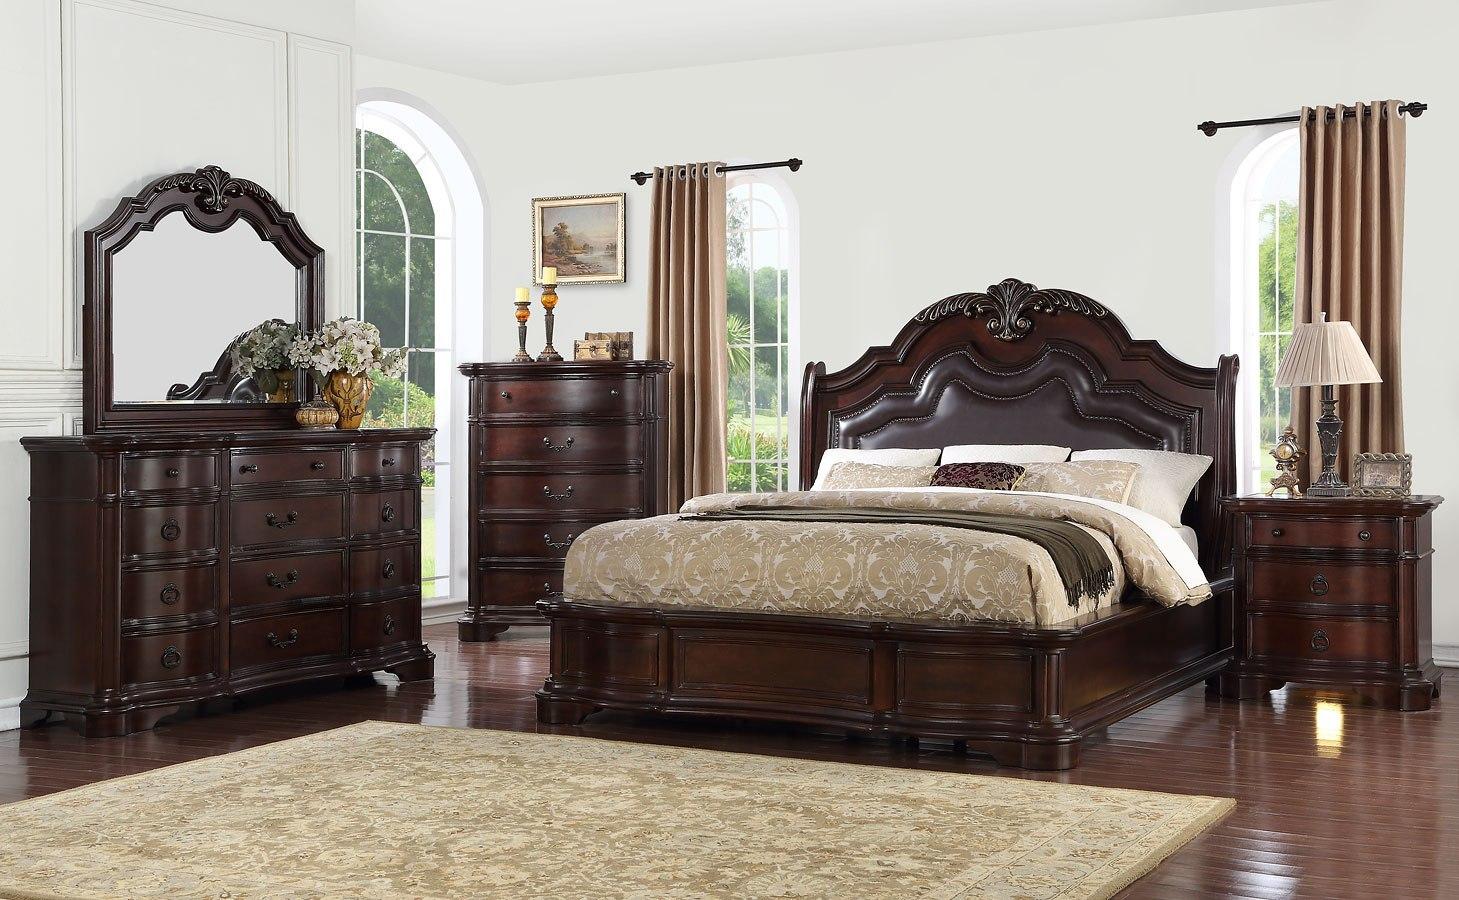 St Louis Upholstered Bedroom Set Avalon Furniture | Furniture Cart